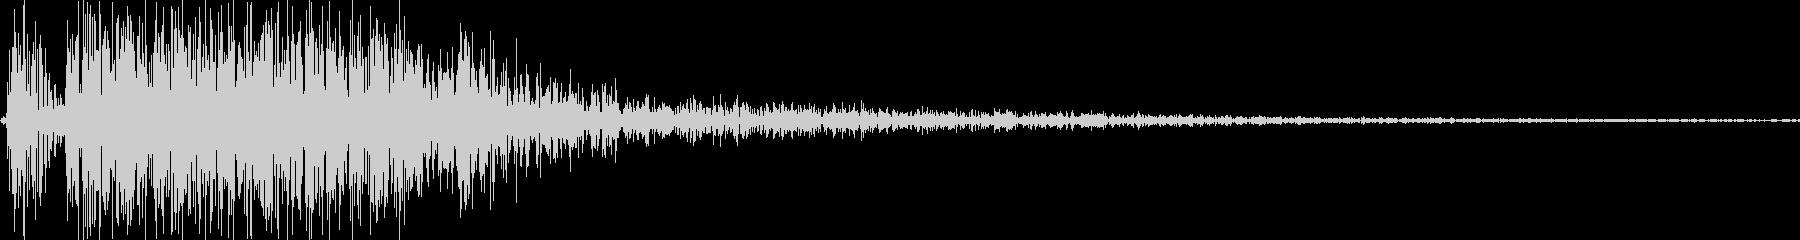 【YouTube】効果音_05 ピシッの未再生の波形